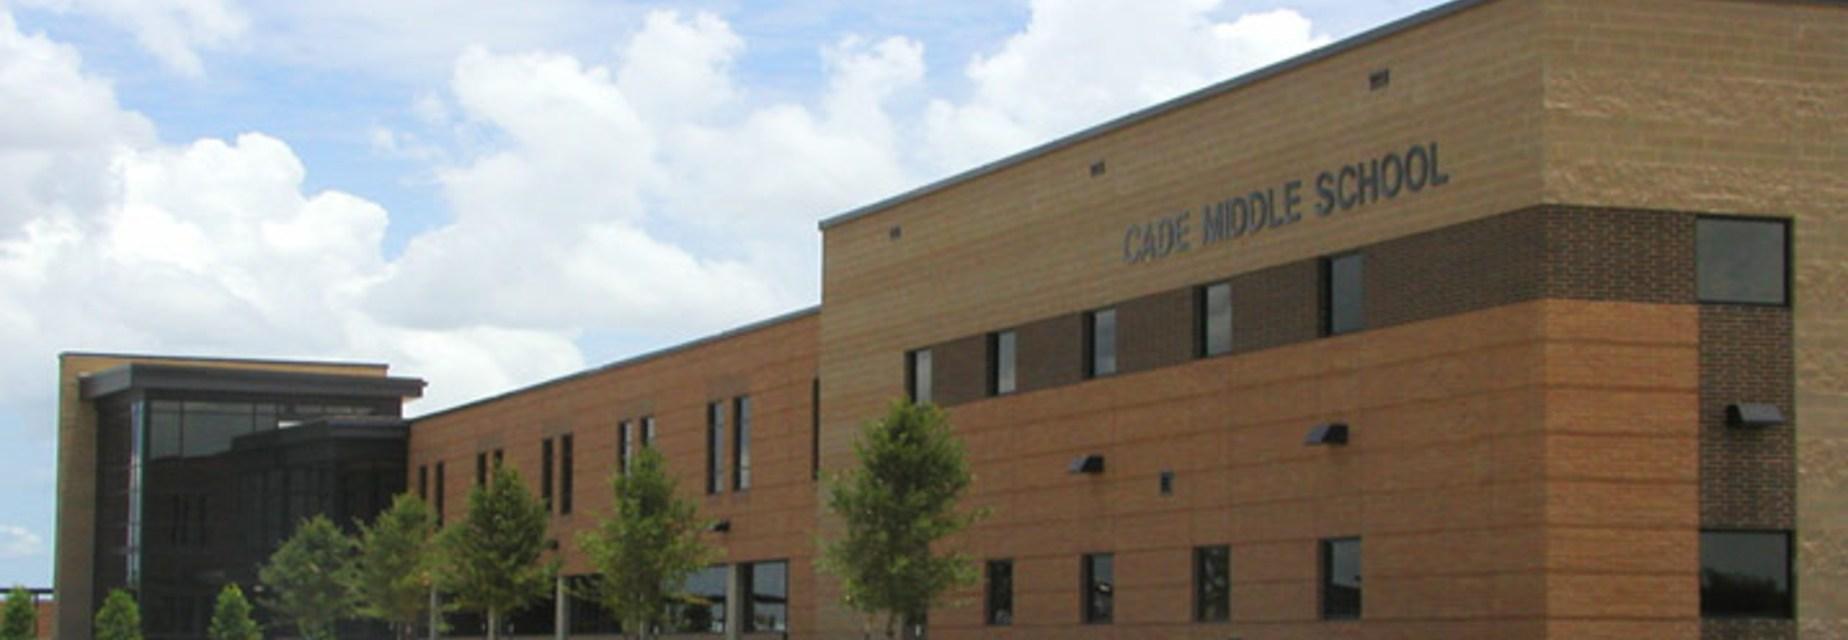 Cade Middle School